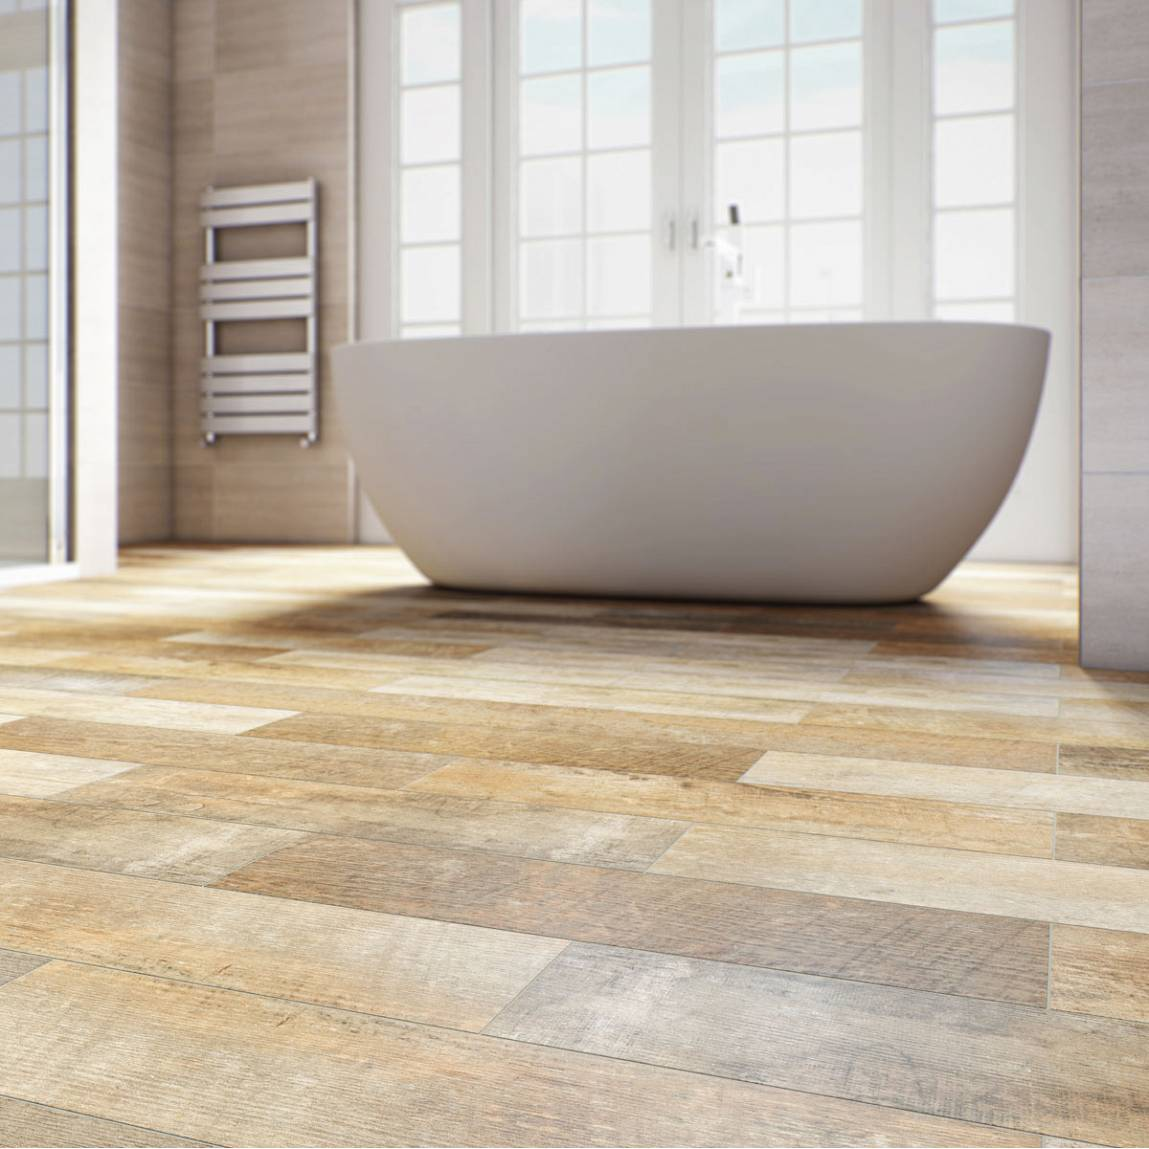 Verdi Glazed Porcelain Floor & Wall Tile 15cm x 60cm | eBay